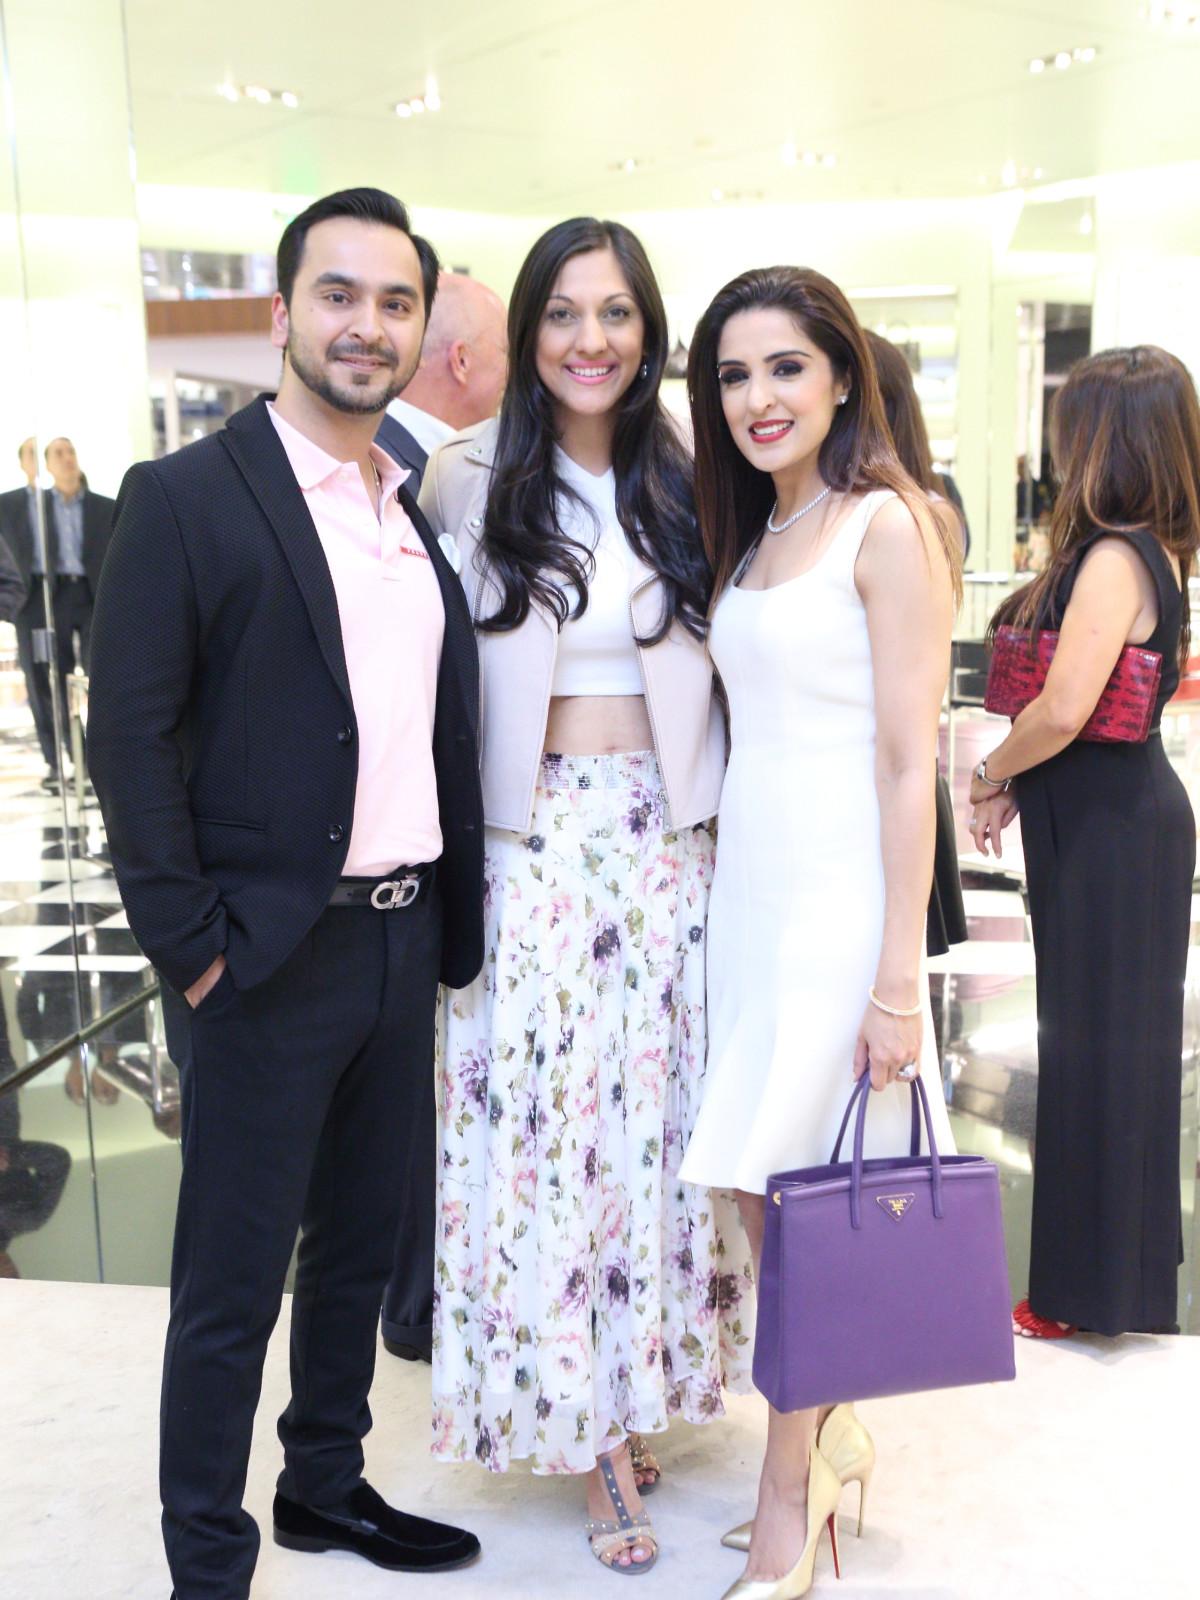 Nick Merchant, Sippi Khurana, Sneha Merchant at APAHA kickoff party at Prada